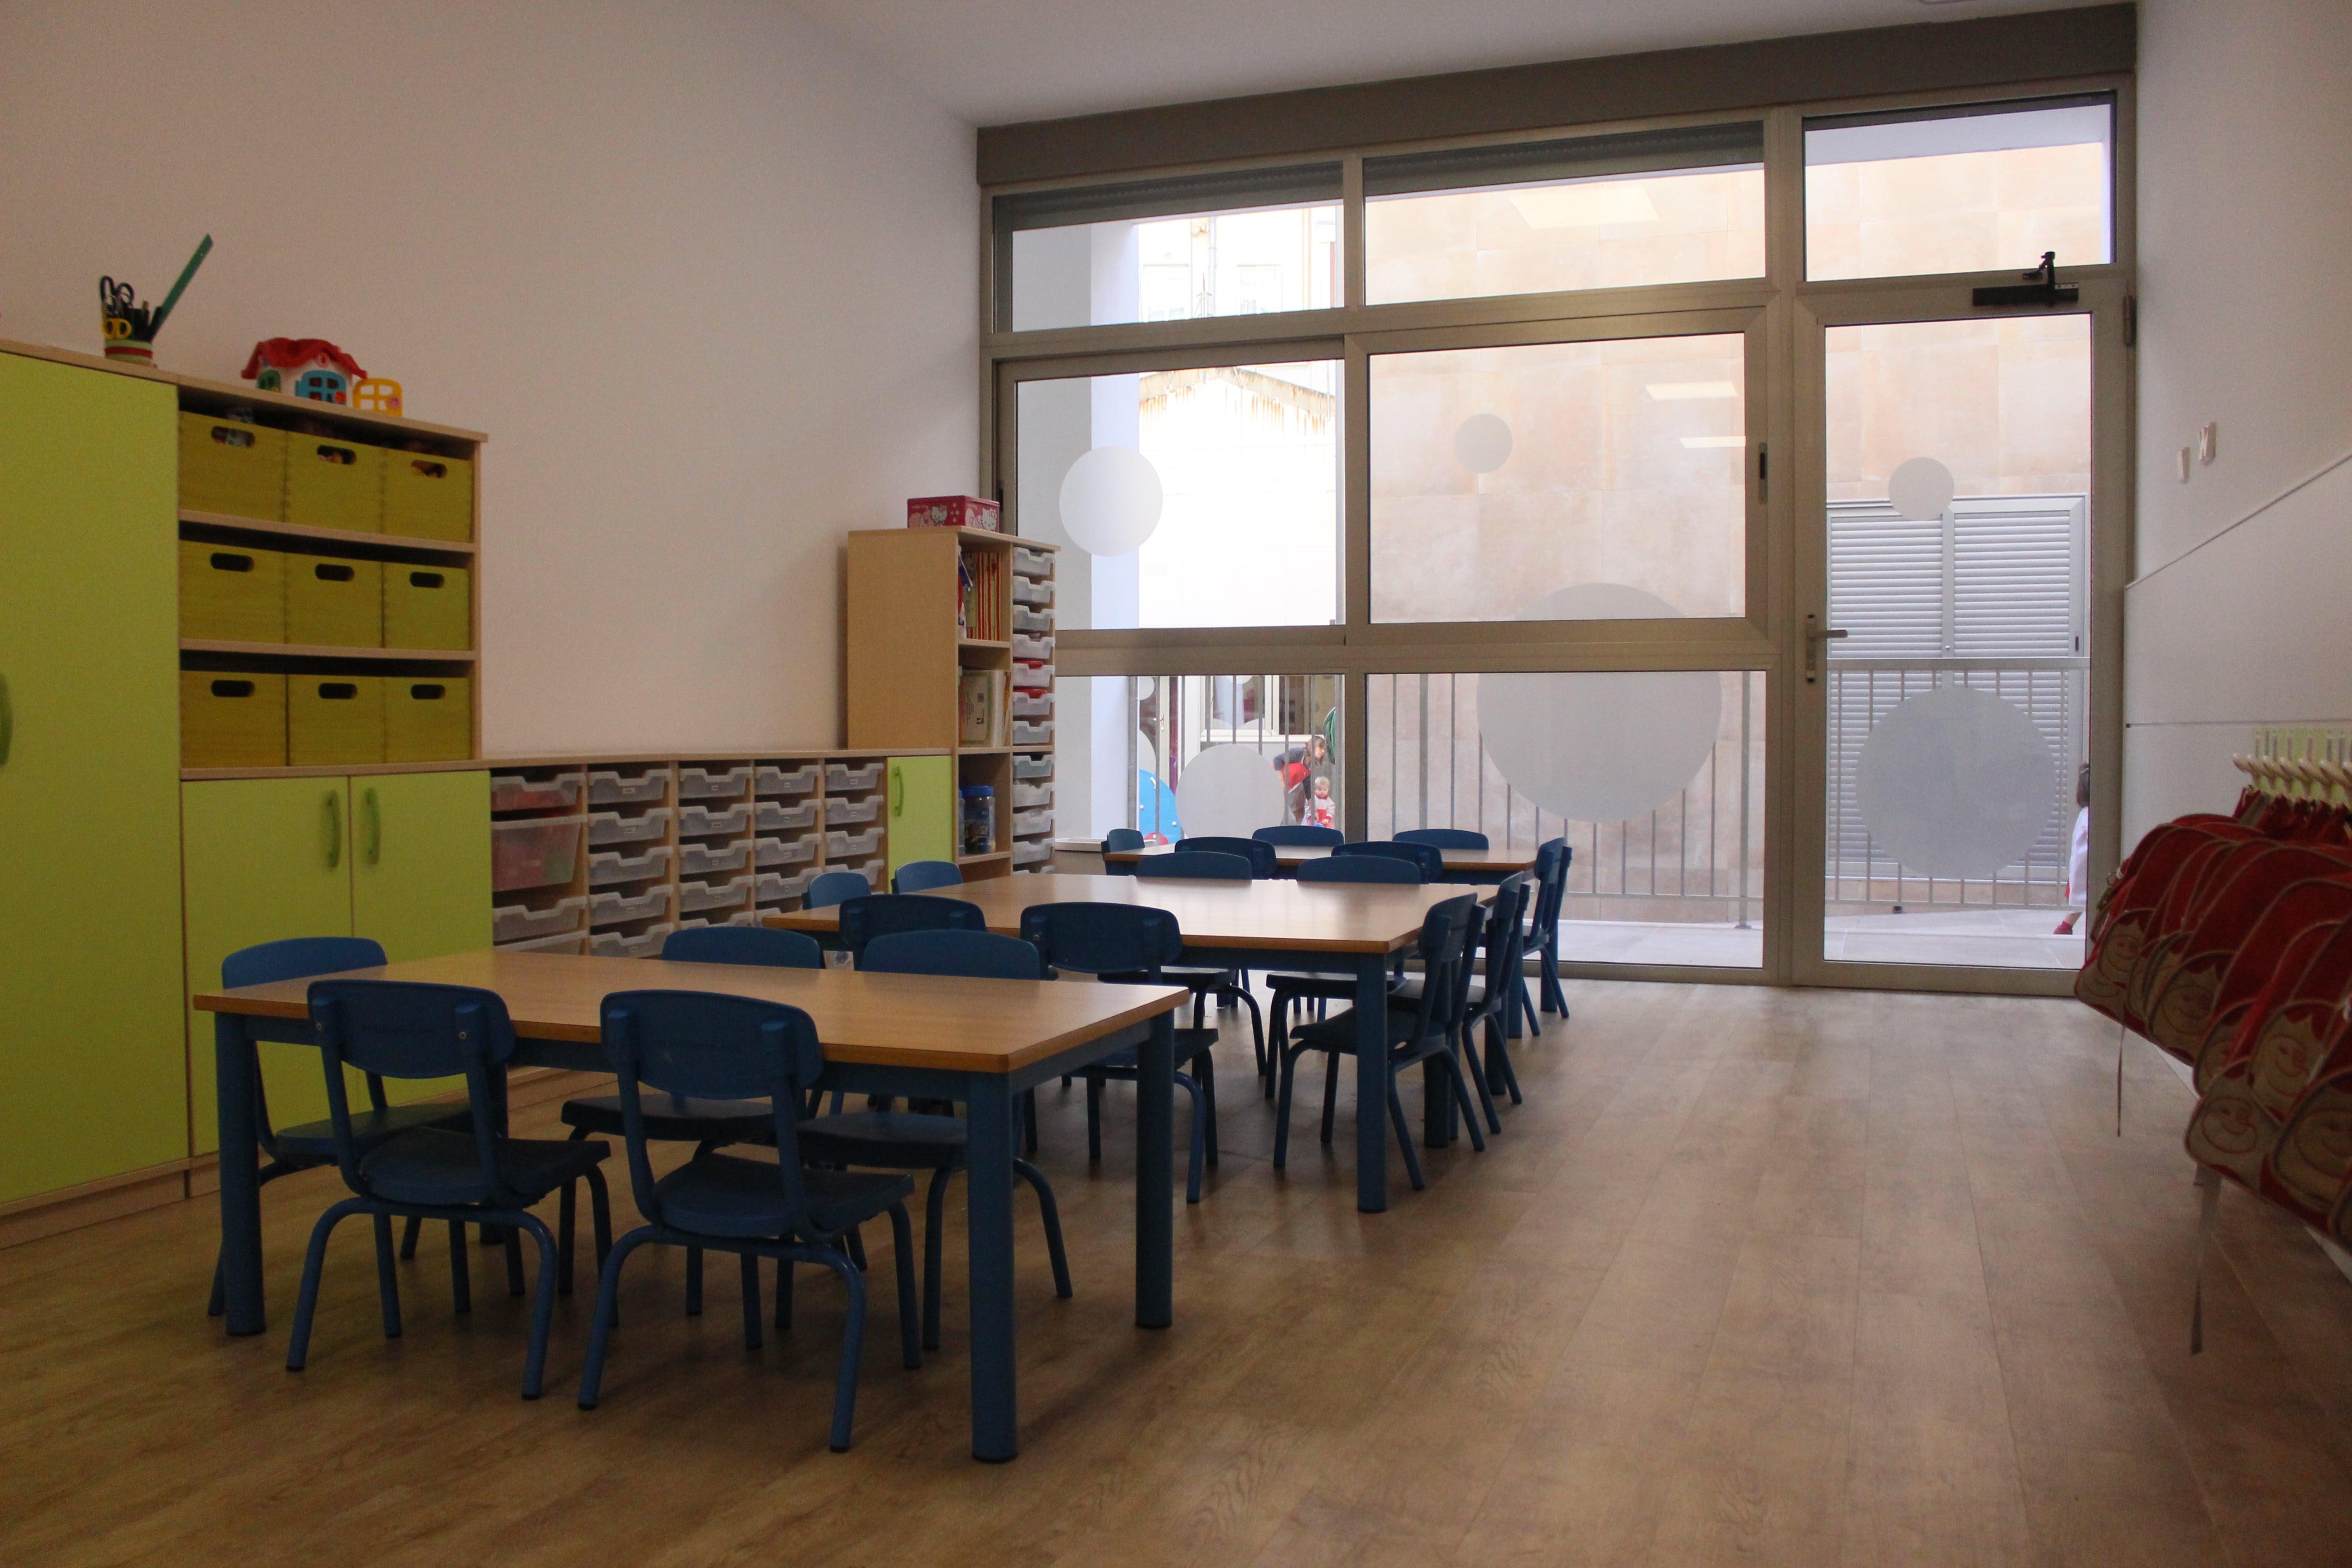 escuela infantil bilingüe en Valencia - escuela en azul